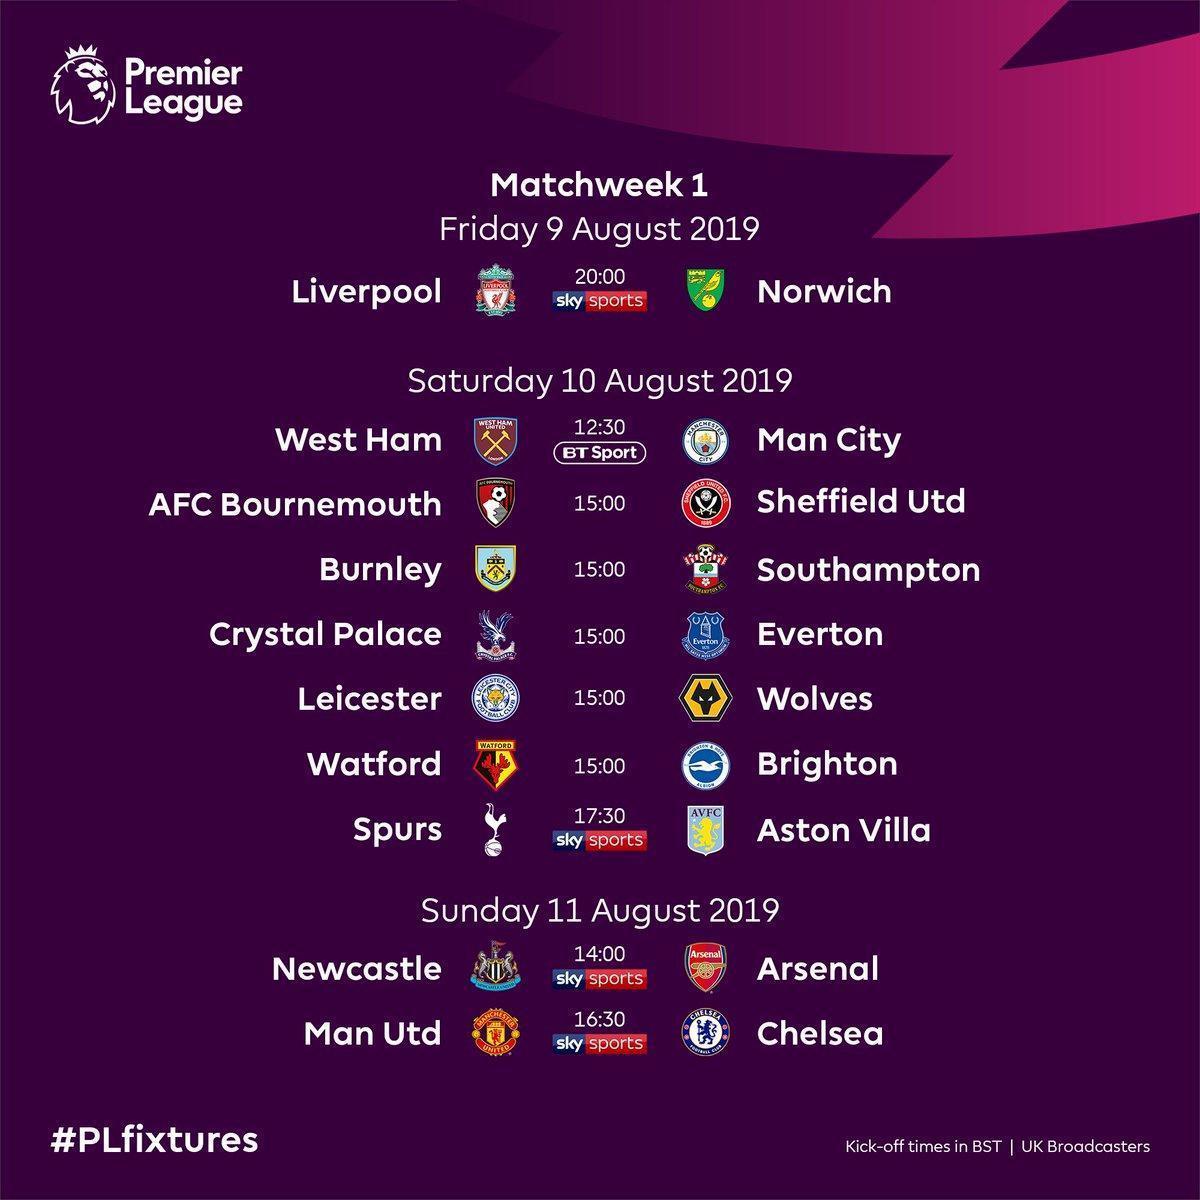 The wait is over! Poznaliśmy terminarz nowego sezonu @premierleague 2019/20! Na inaugurację mecz Liverpool FC - Norwich City w piątek 9 sierpnia o 21:00 na Anfield! @LFC 🔥⚽️ #PremierLeague